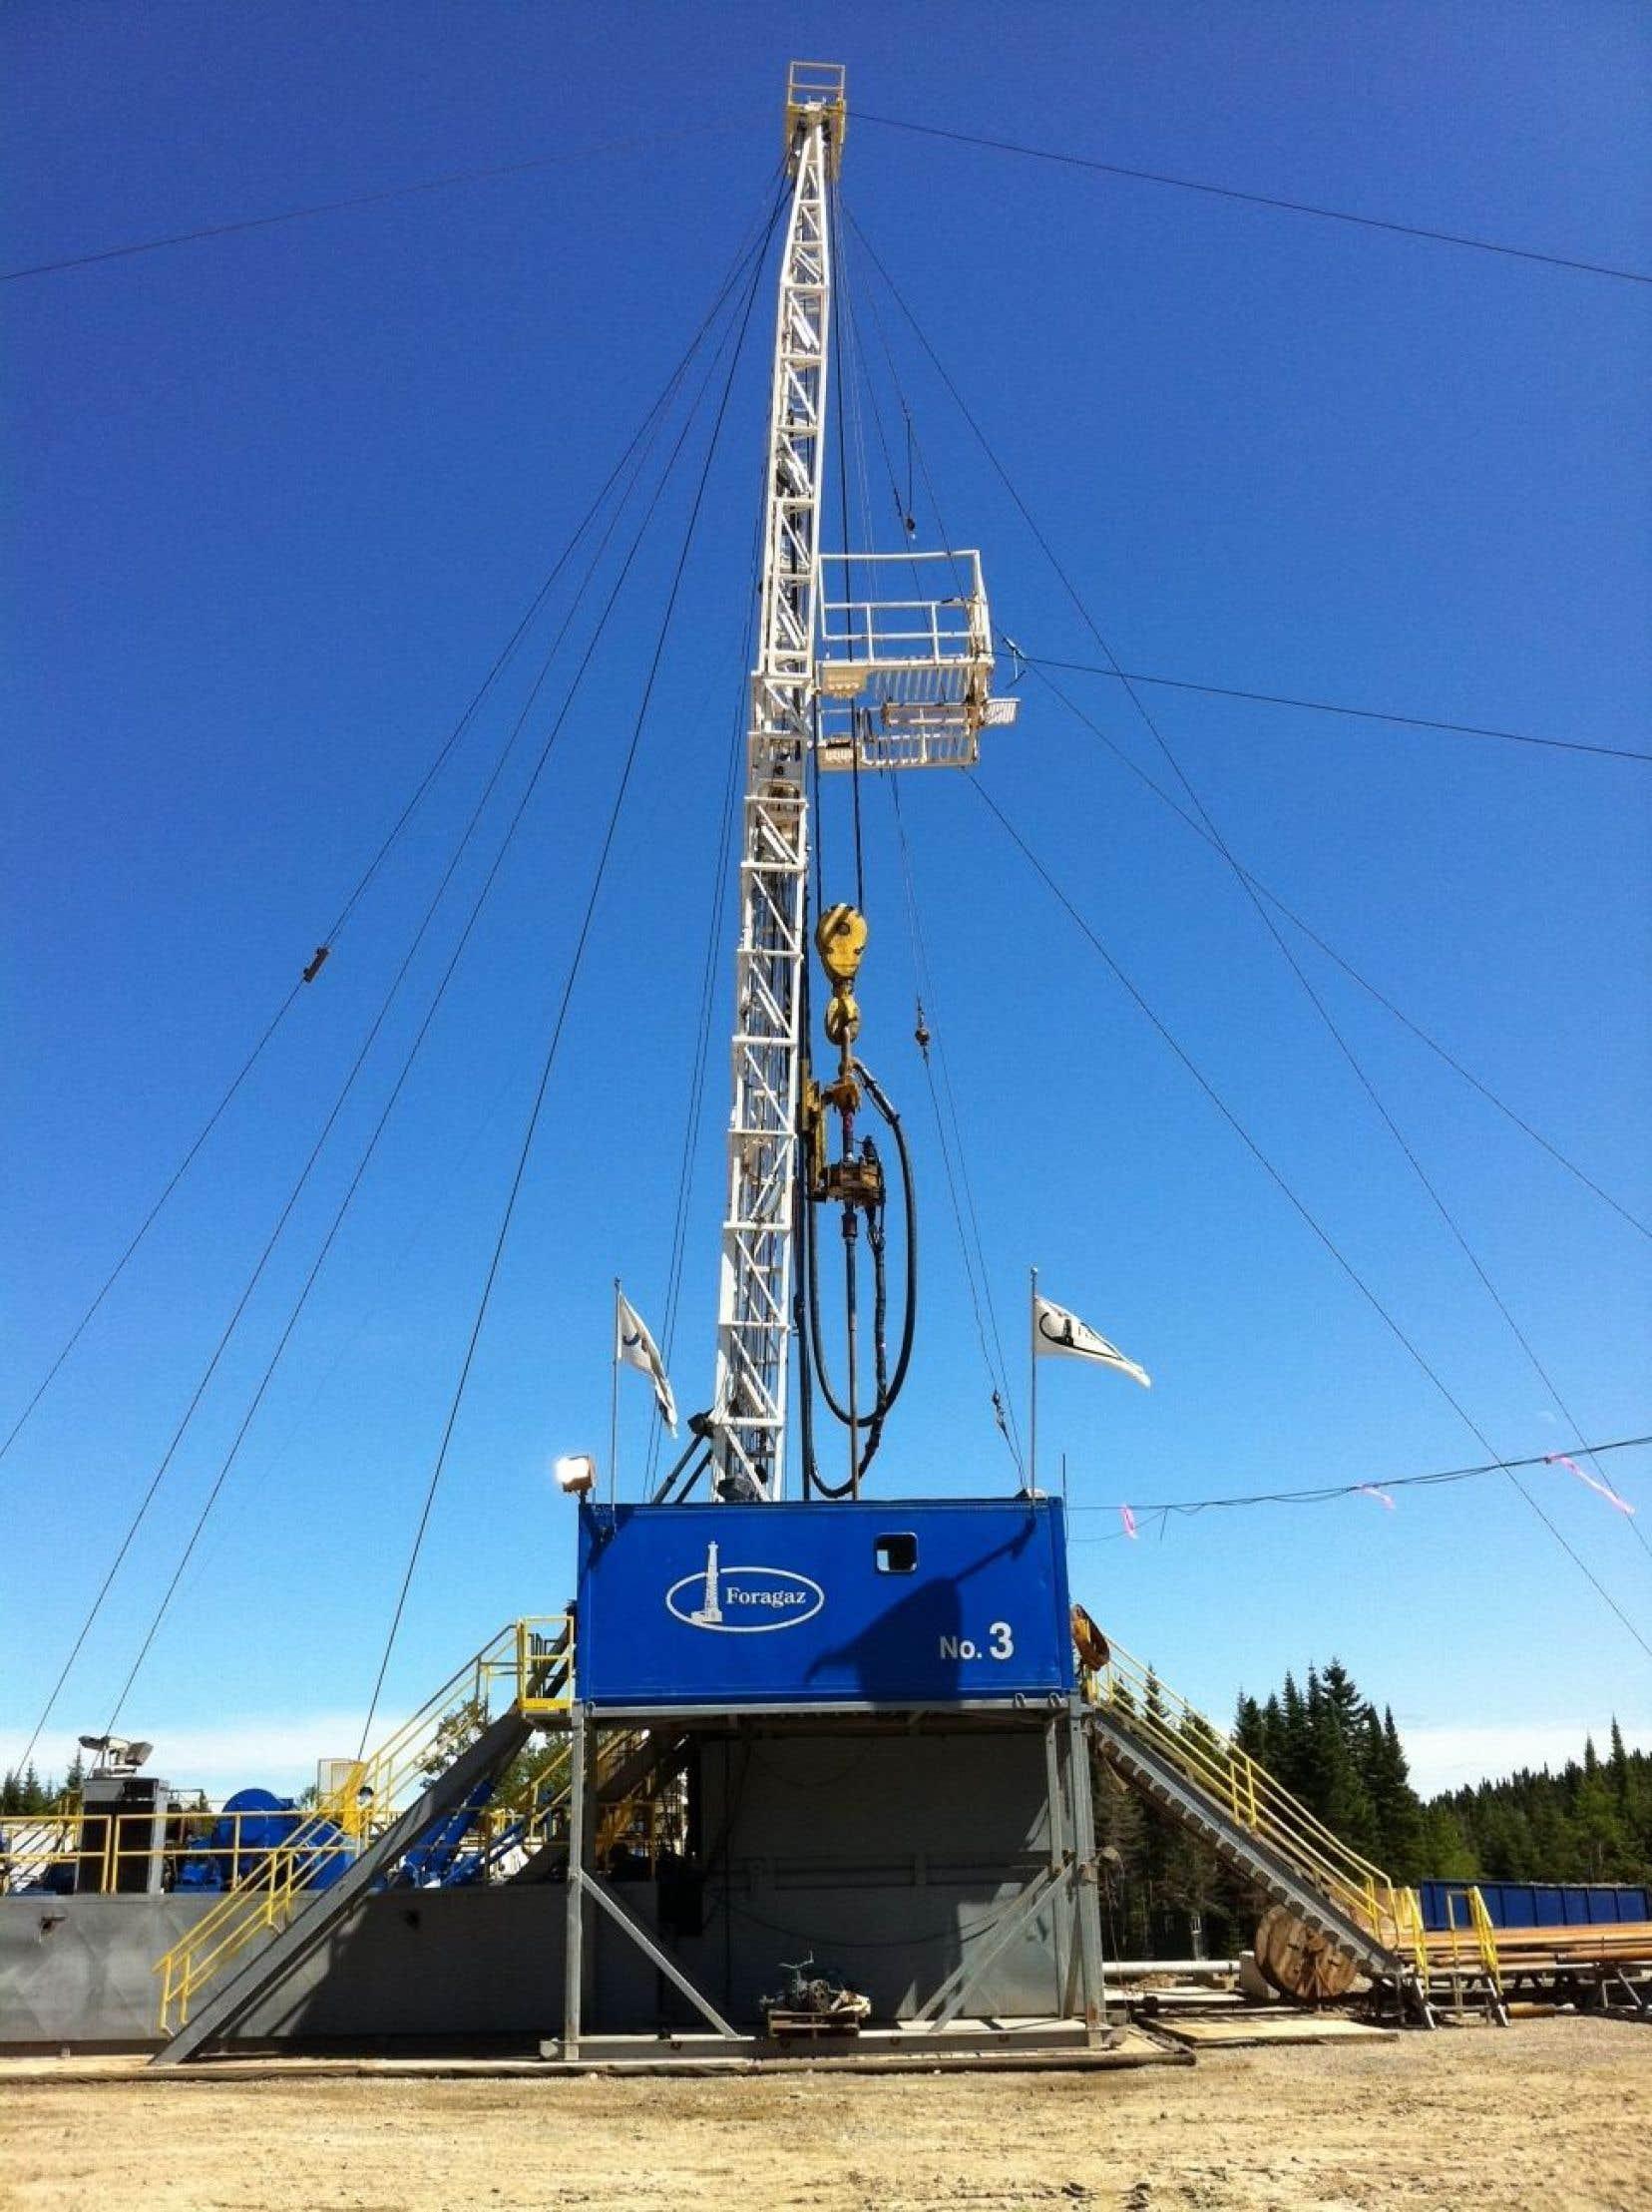 Selon ce qu'a précisé Junex, son nouveau puits horizontal Galt 4 a produit un total de 2017 barils en 14 jours, dont une moyenne de 161 barils pour les derniers six jours.